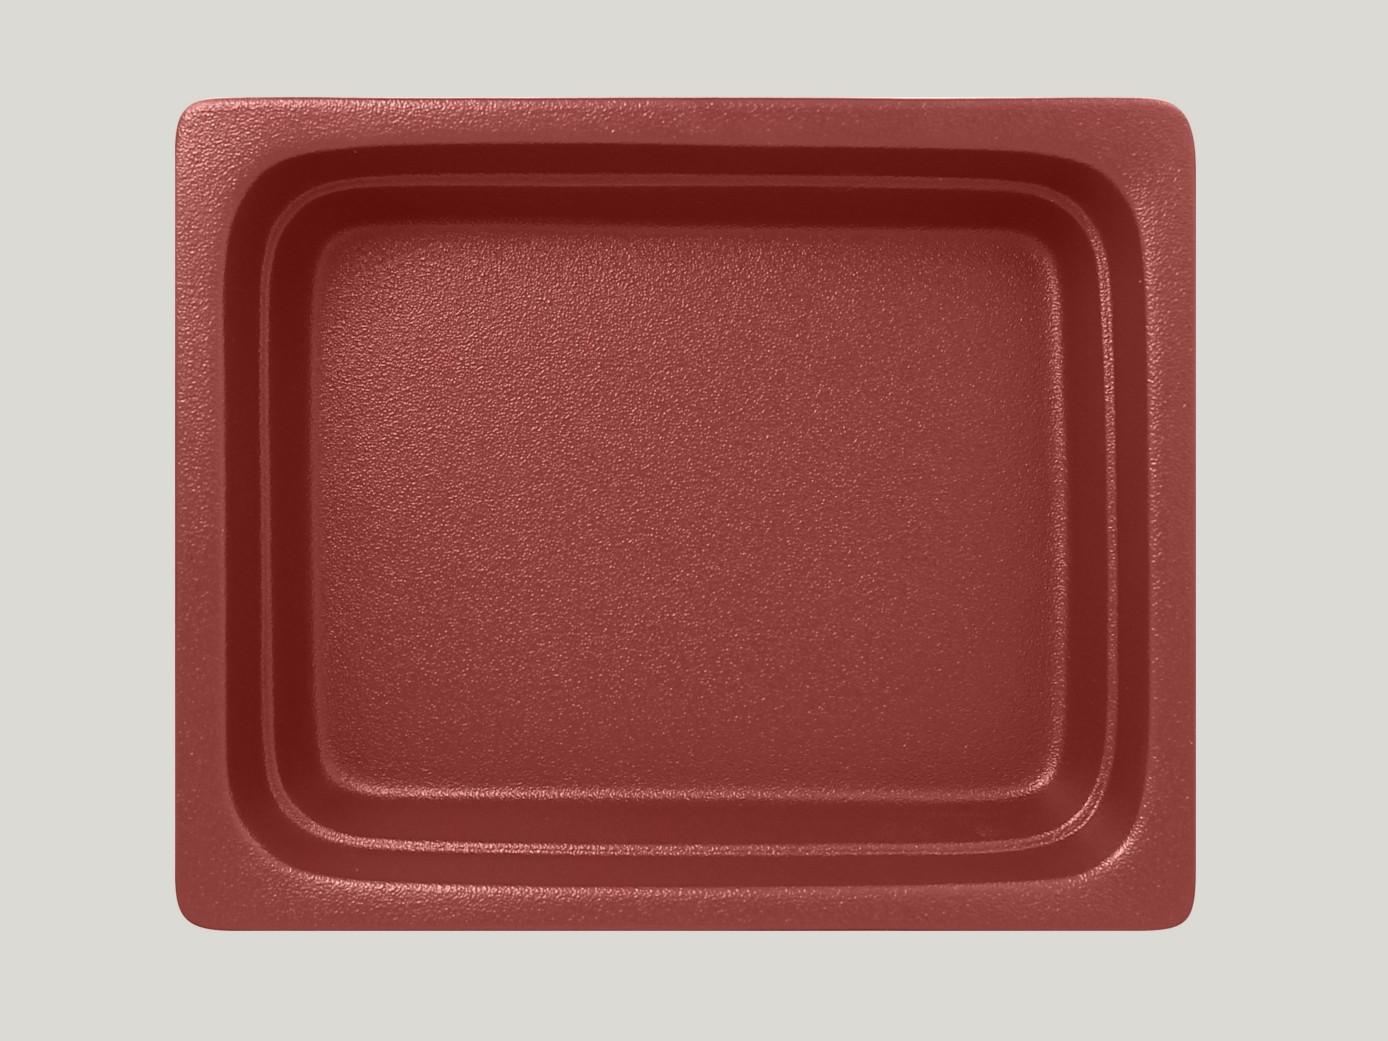 Gastronádoba GN 1/2 065 mm - tmavě červená